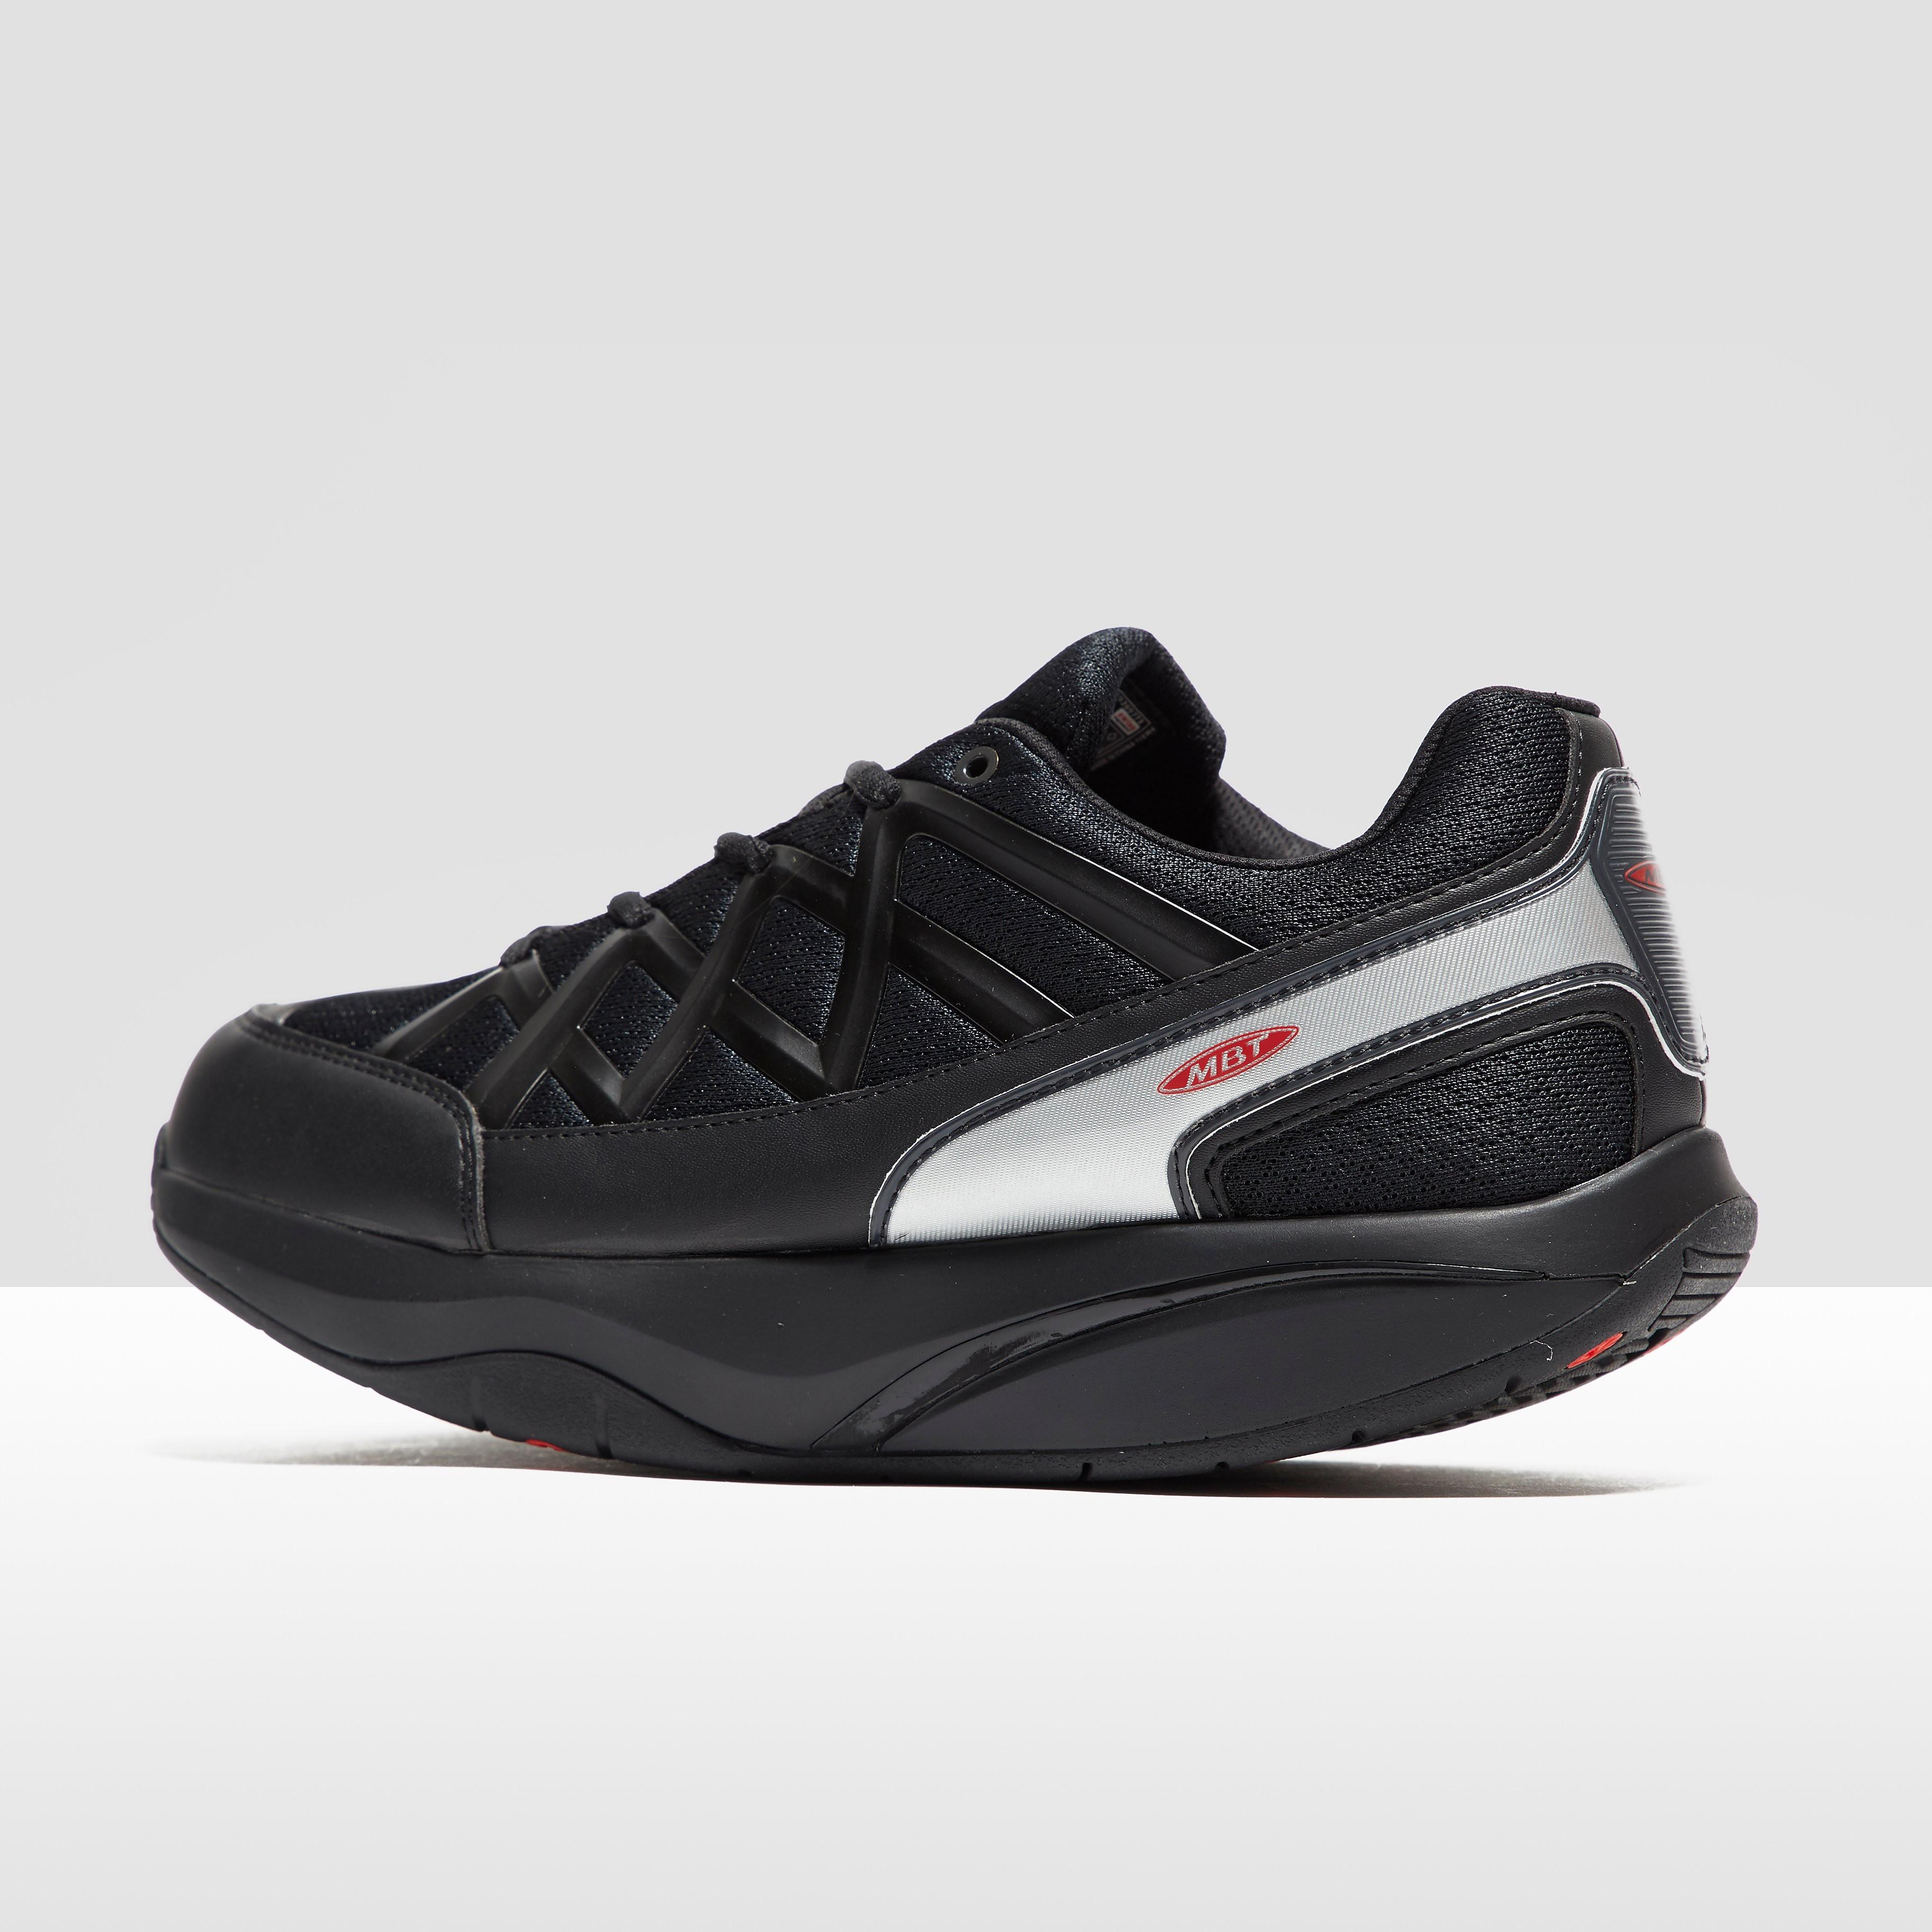 MBT Sport 3 Wide Men's Shoes